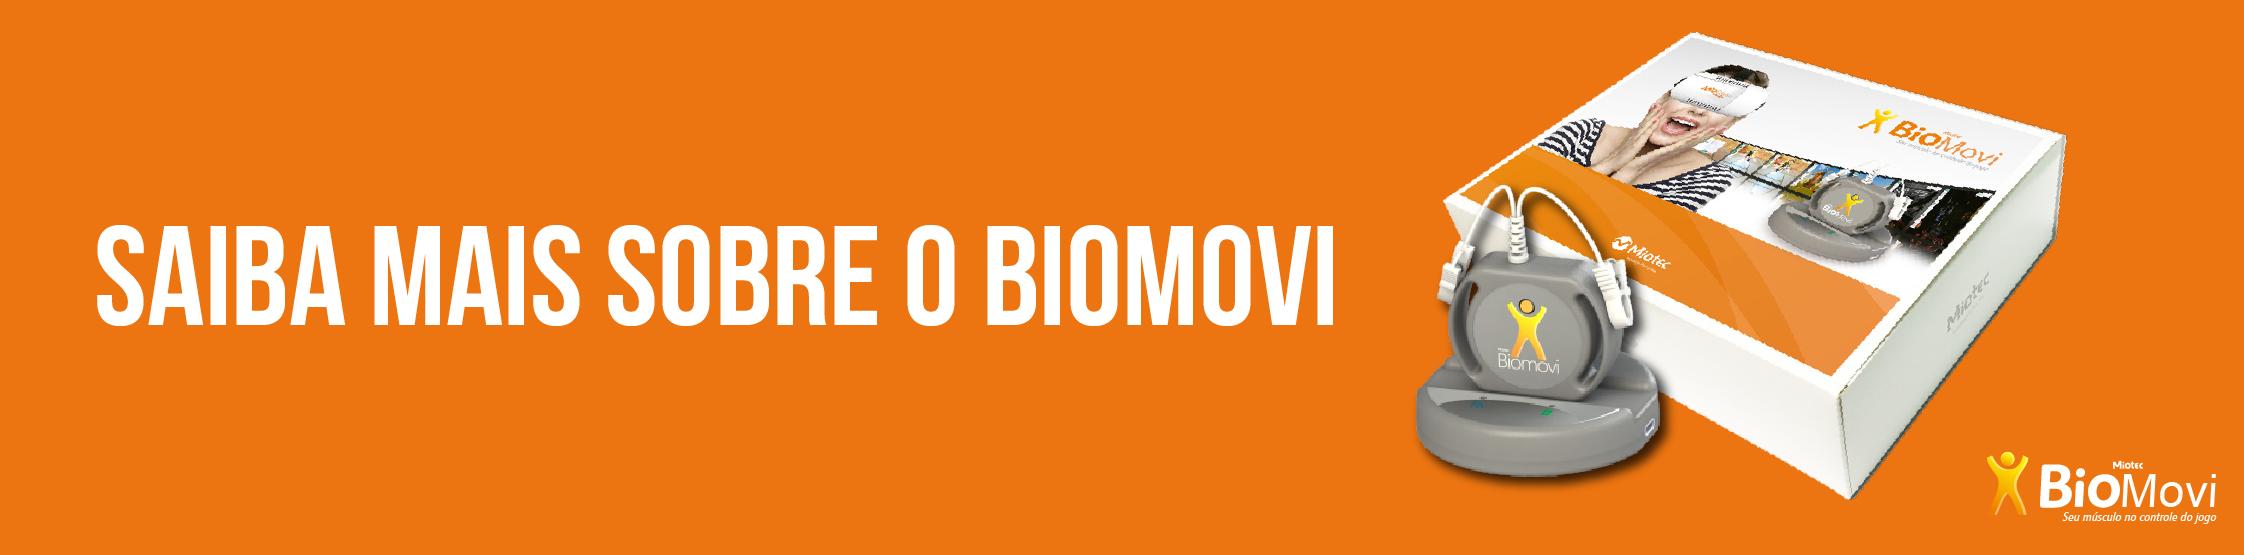 Saiba mais sobre o BioMovi